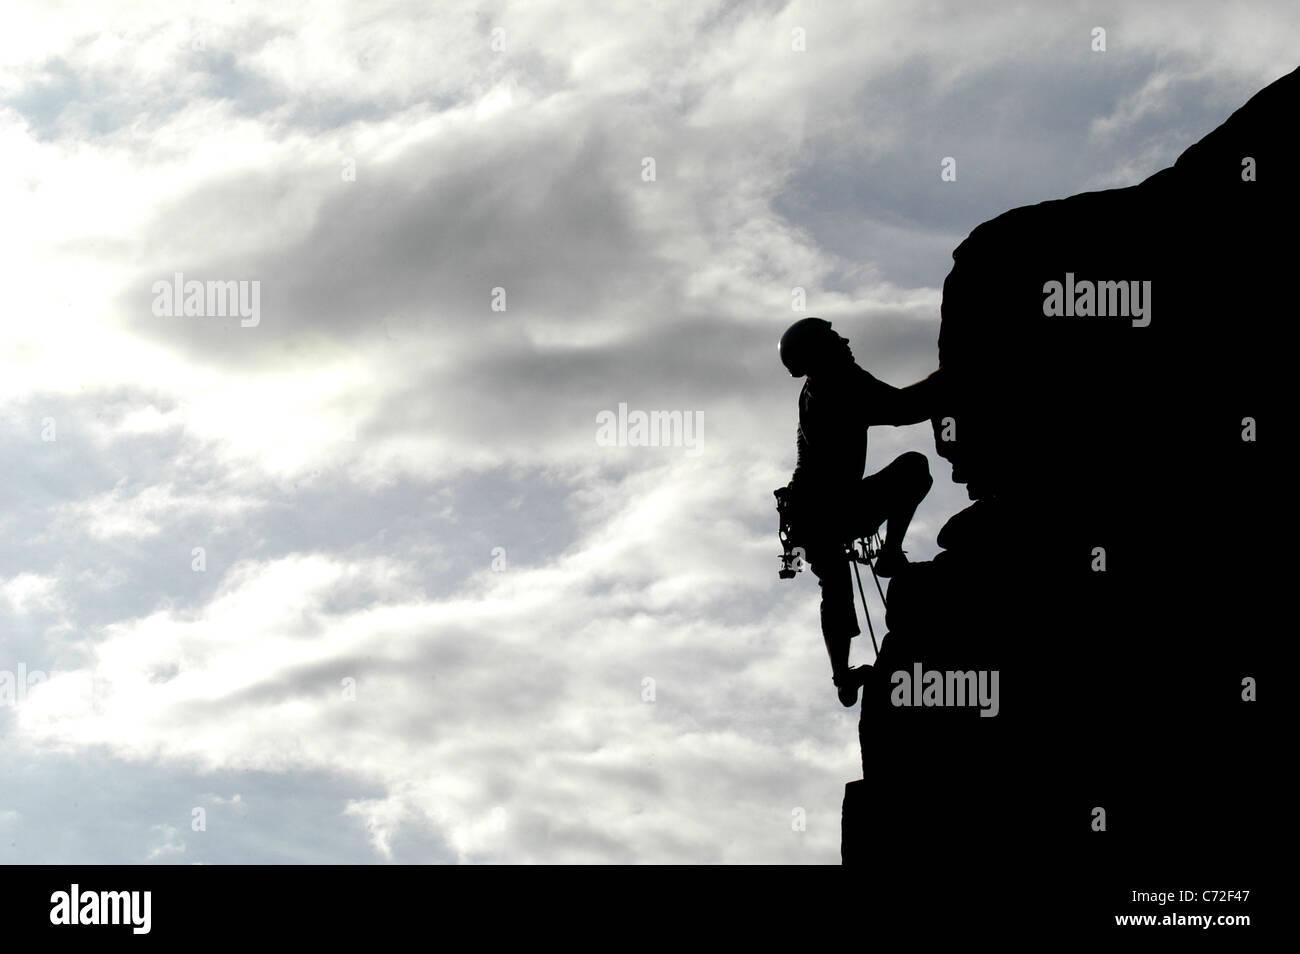 Los escaladores de Derbyshire, Inglaterra, Gran Bretaña. Imagen De Stock